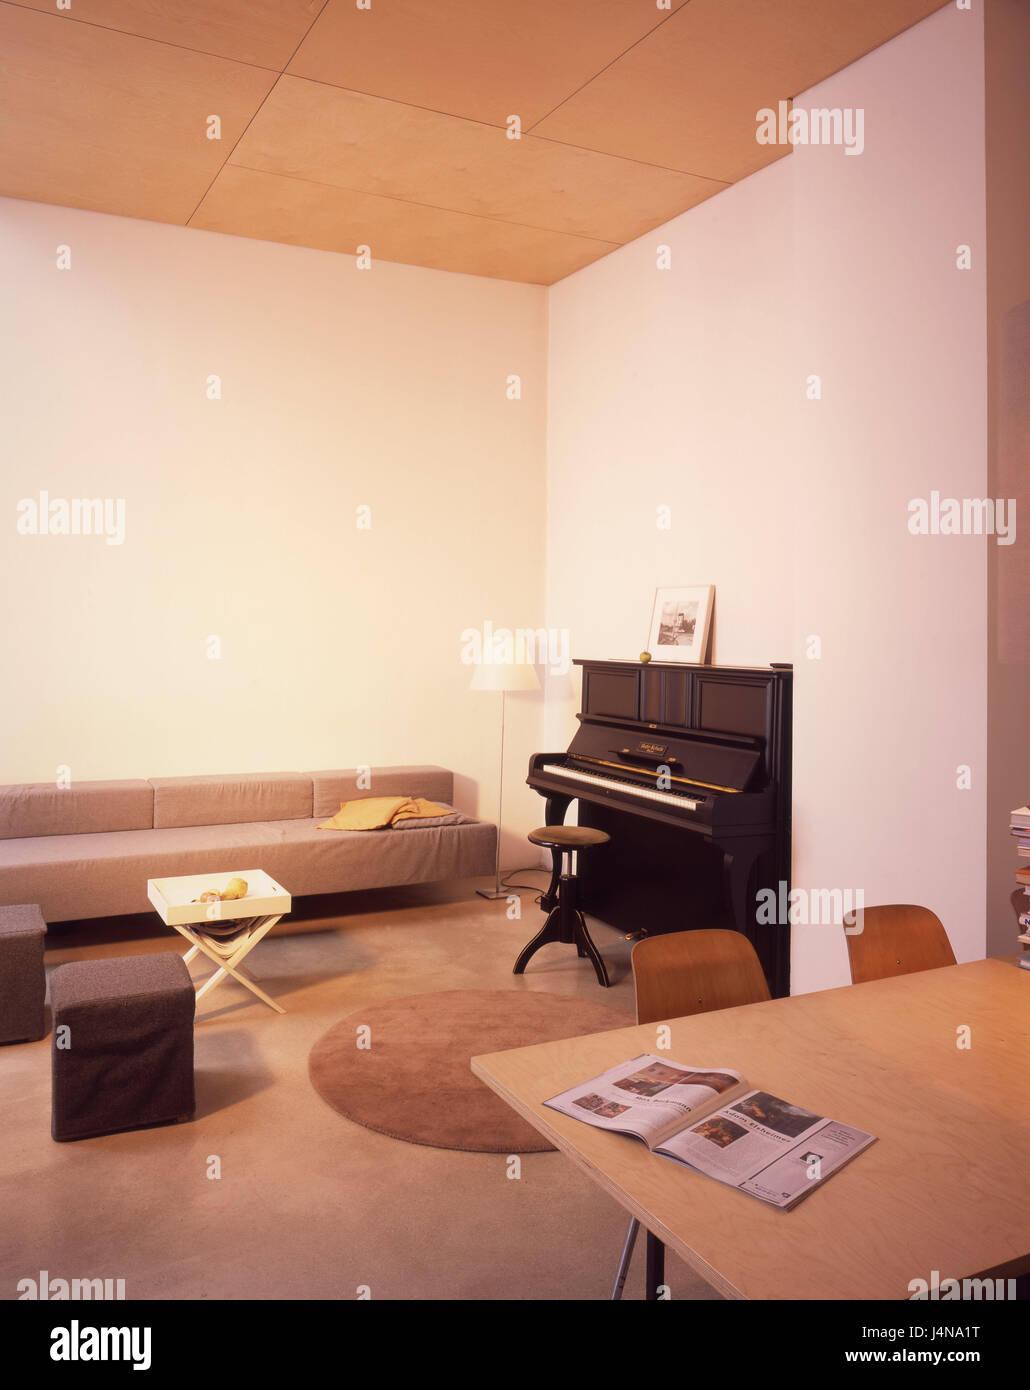 Innen gedreht, Wohnzimmer, Klavier, Wohnung, wohnen, innen, Zimmer ...